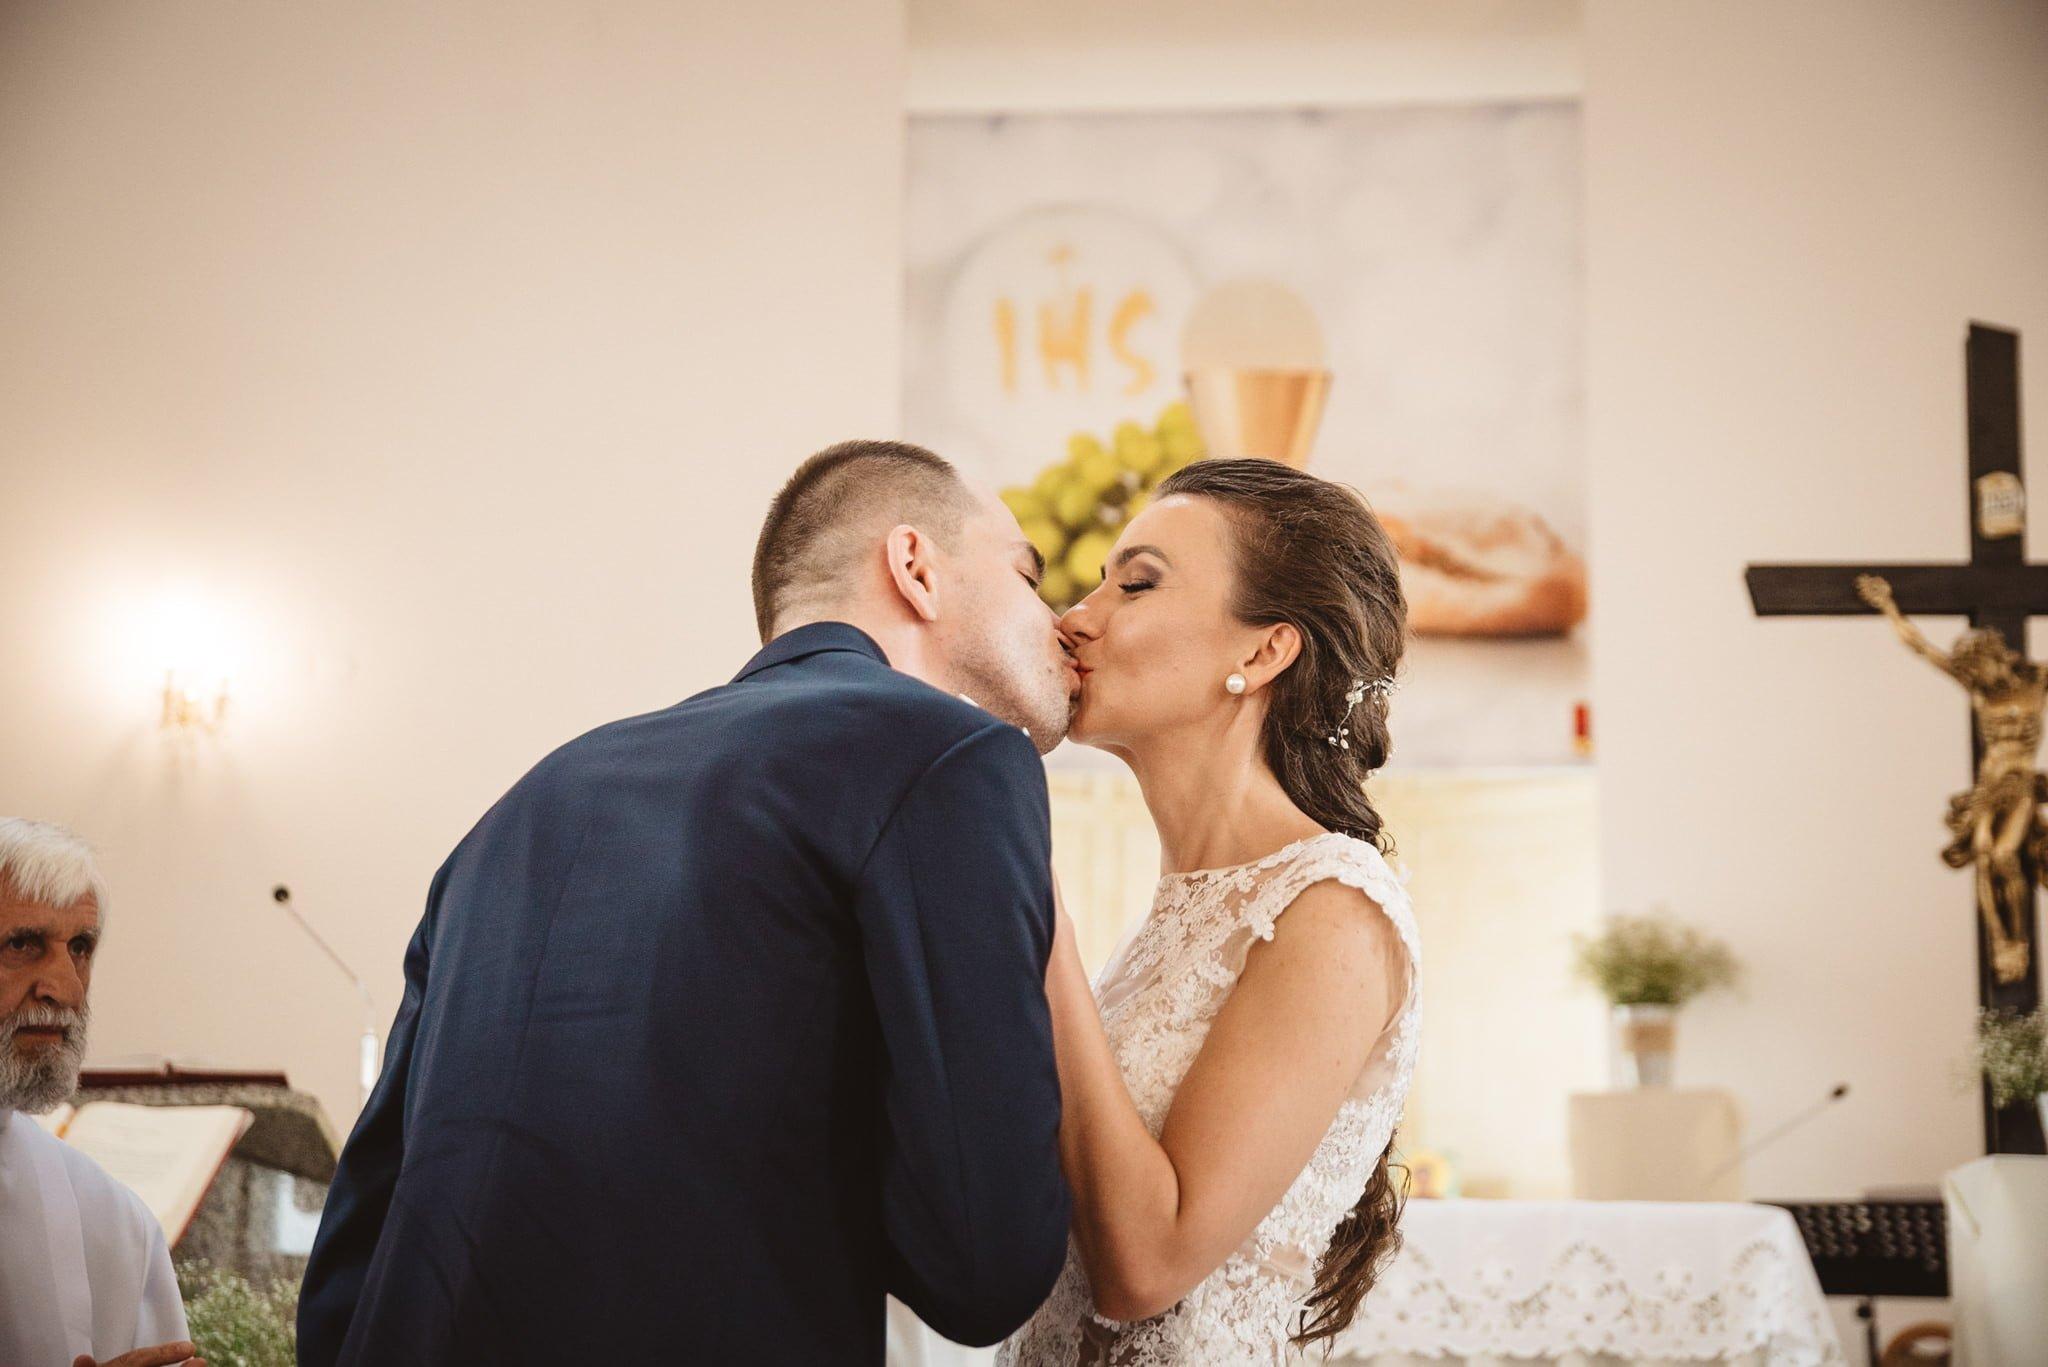 Ala i Arek, czyli jak zorganizować ślub i wesele w 4 tygodnie! 107